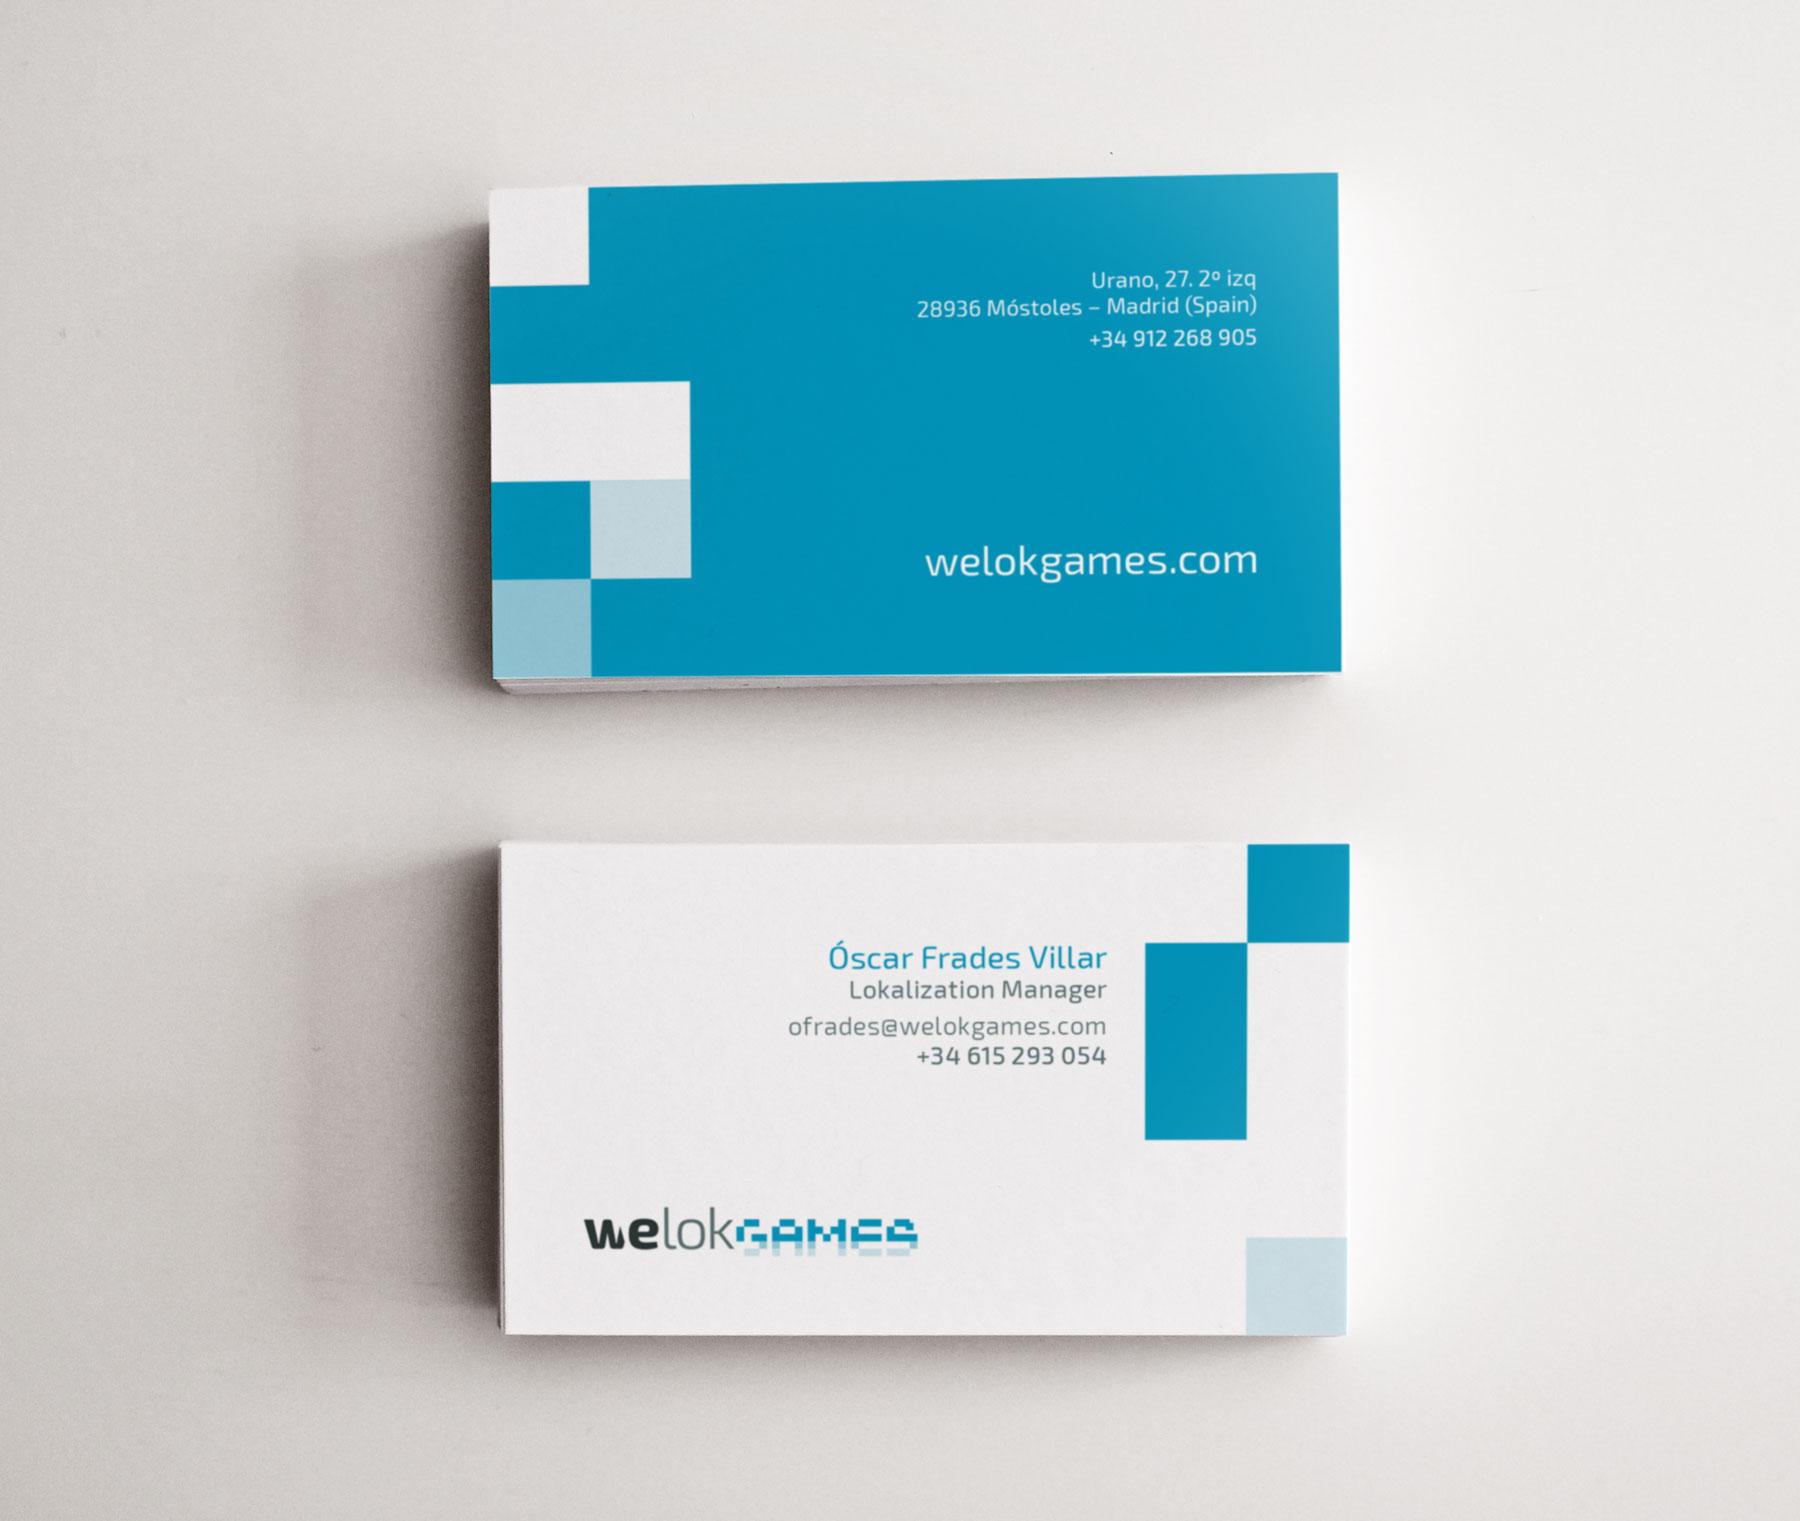 welok-games-imagen-corporativa-02